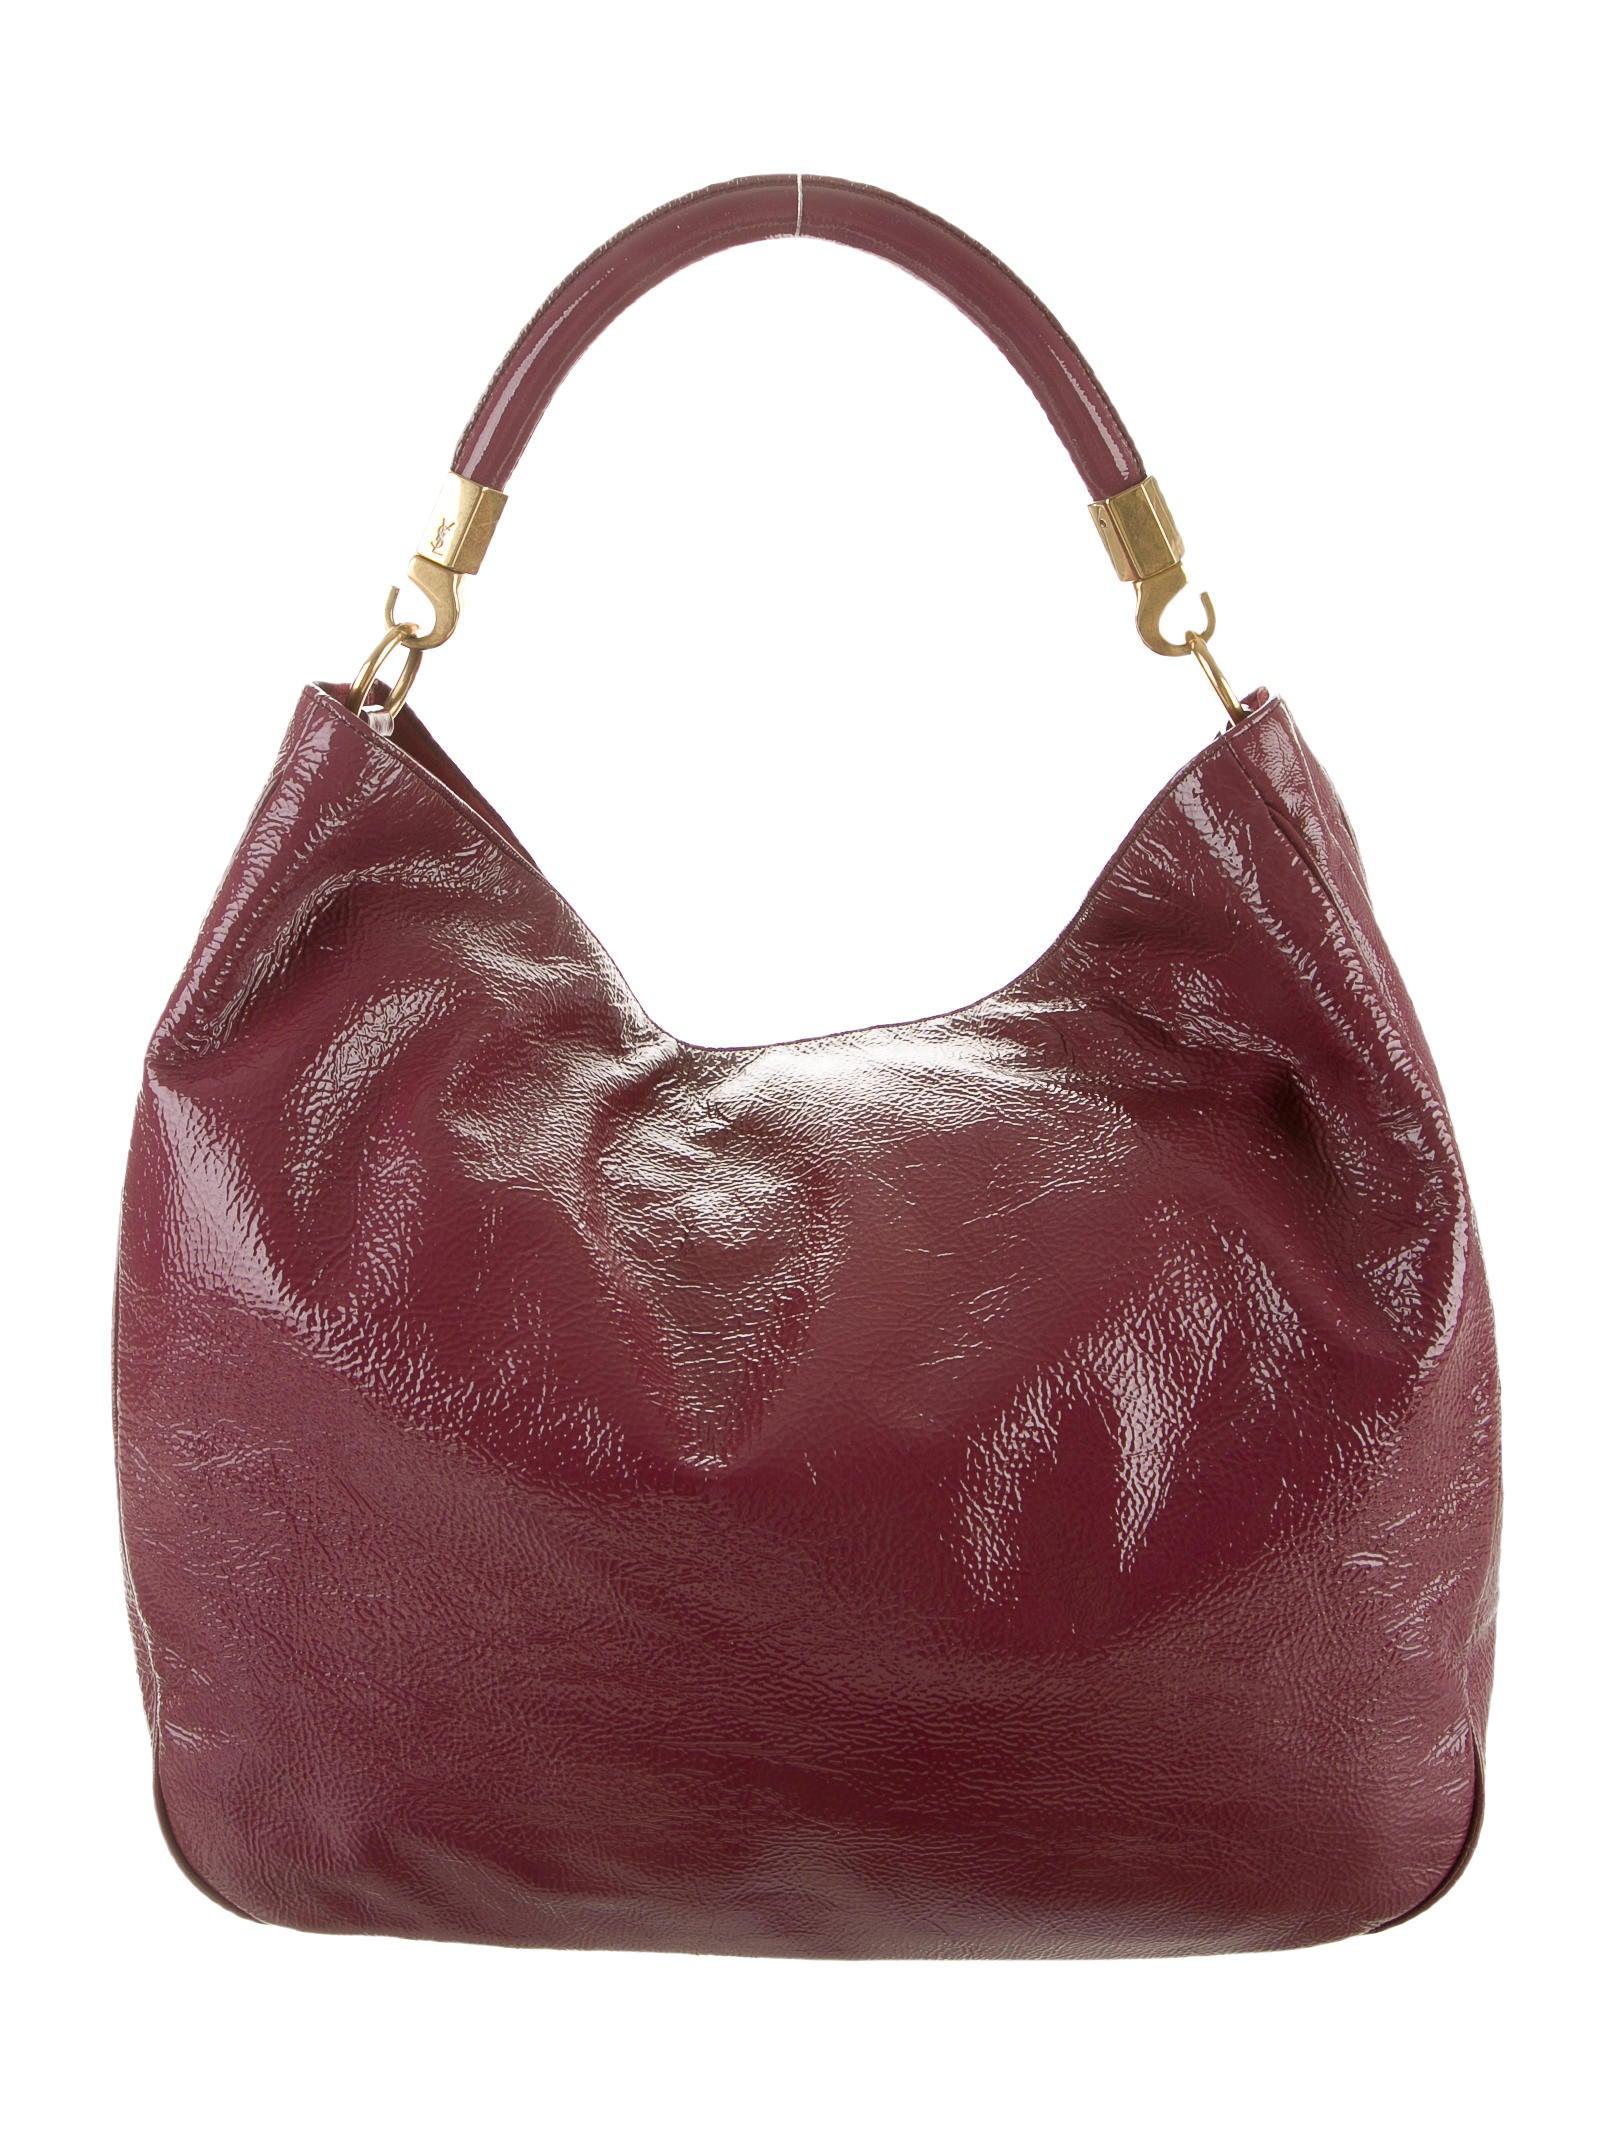 ysl belle de jour patent-leather clutch - yves saint laurent patent leather roady bag, y saint laurent borse